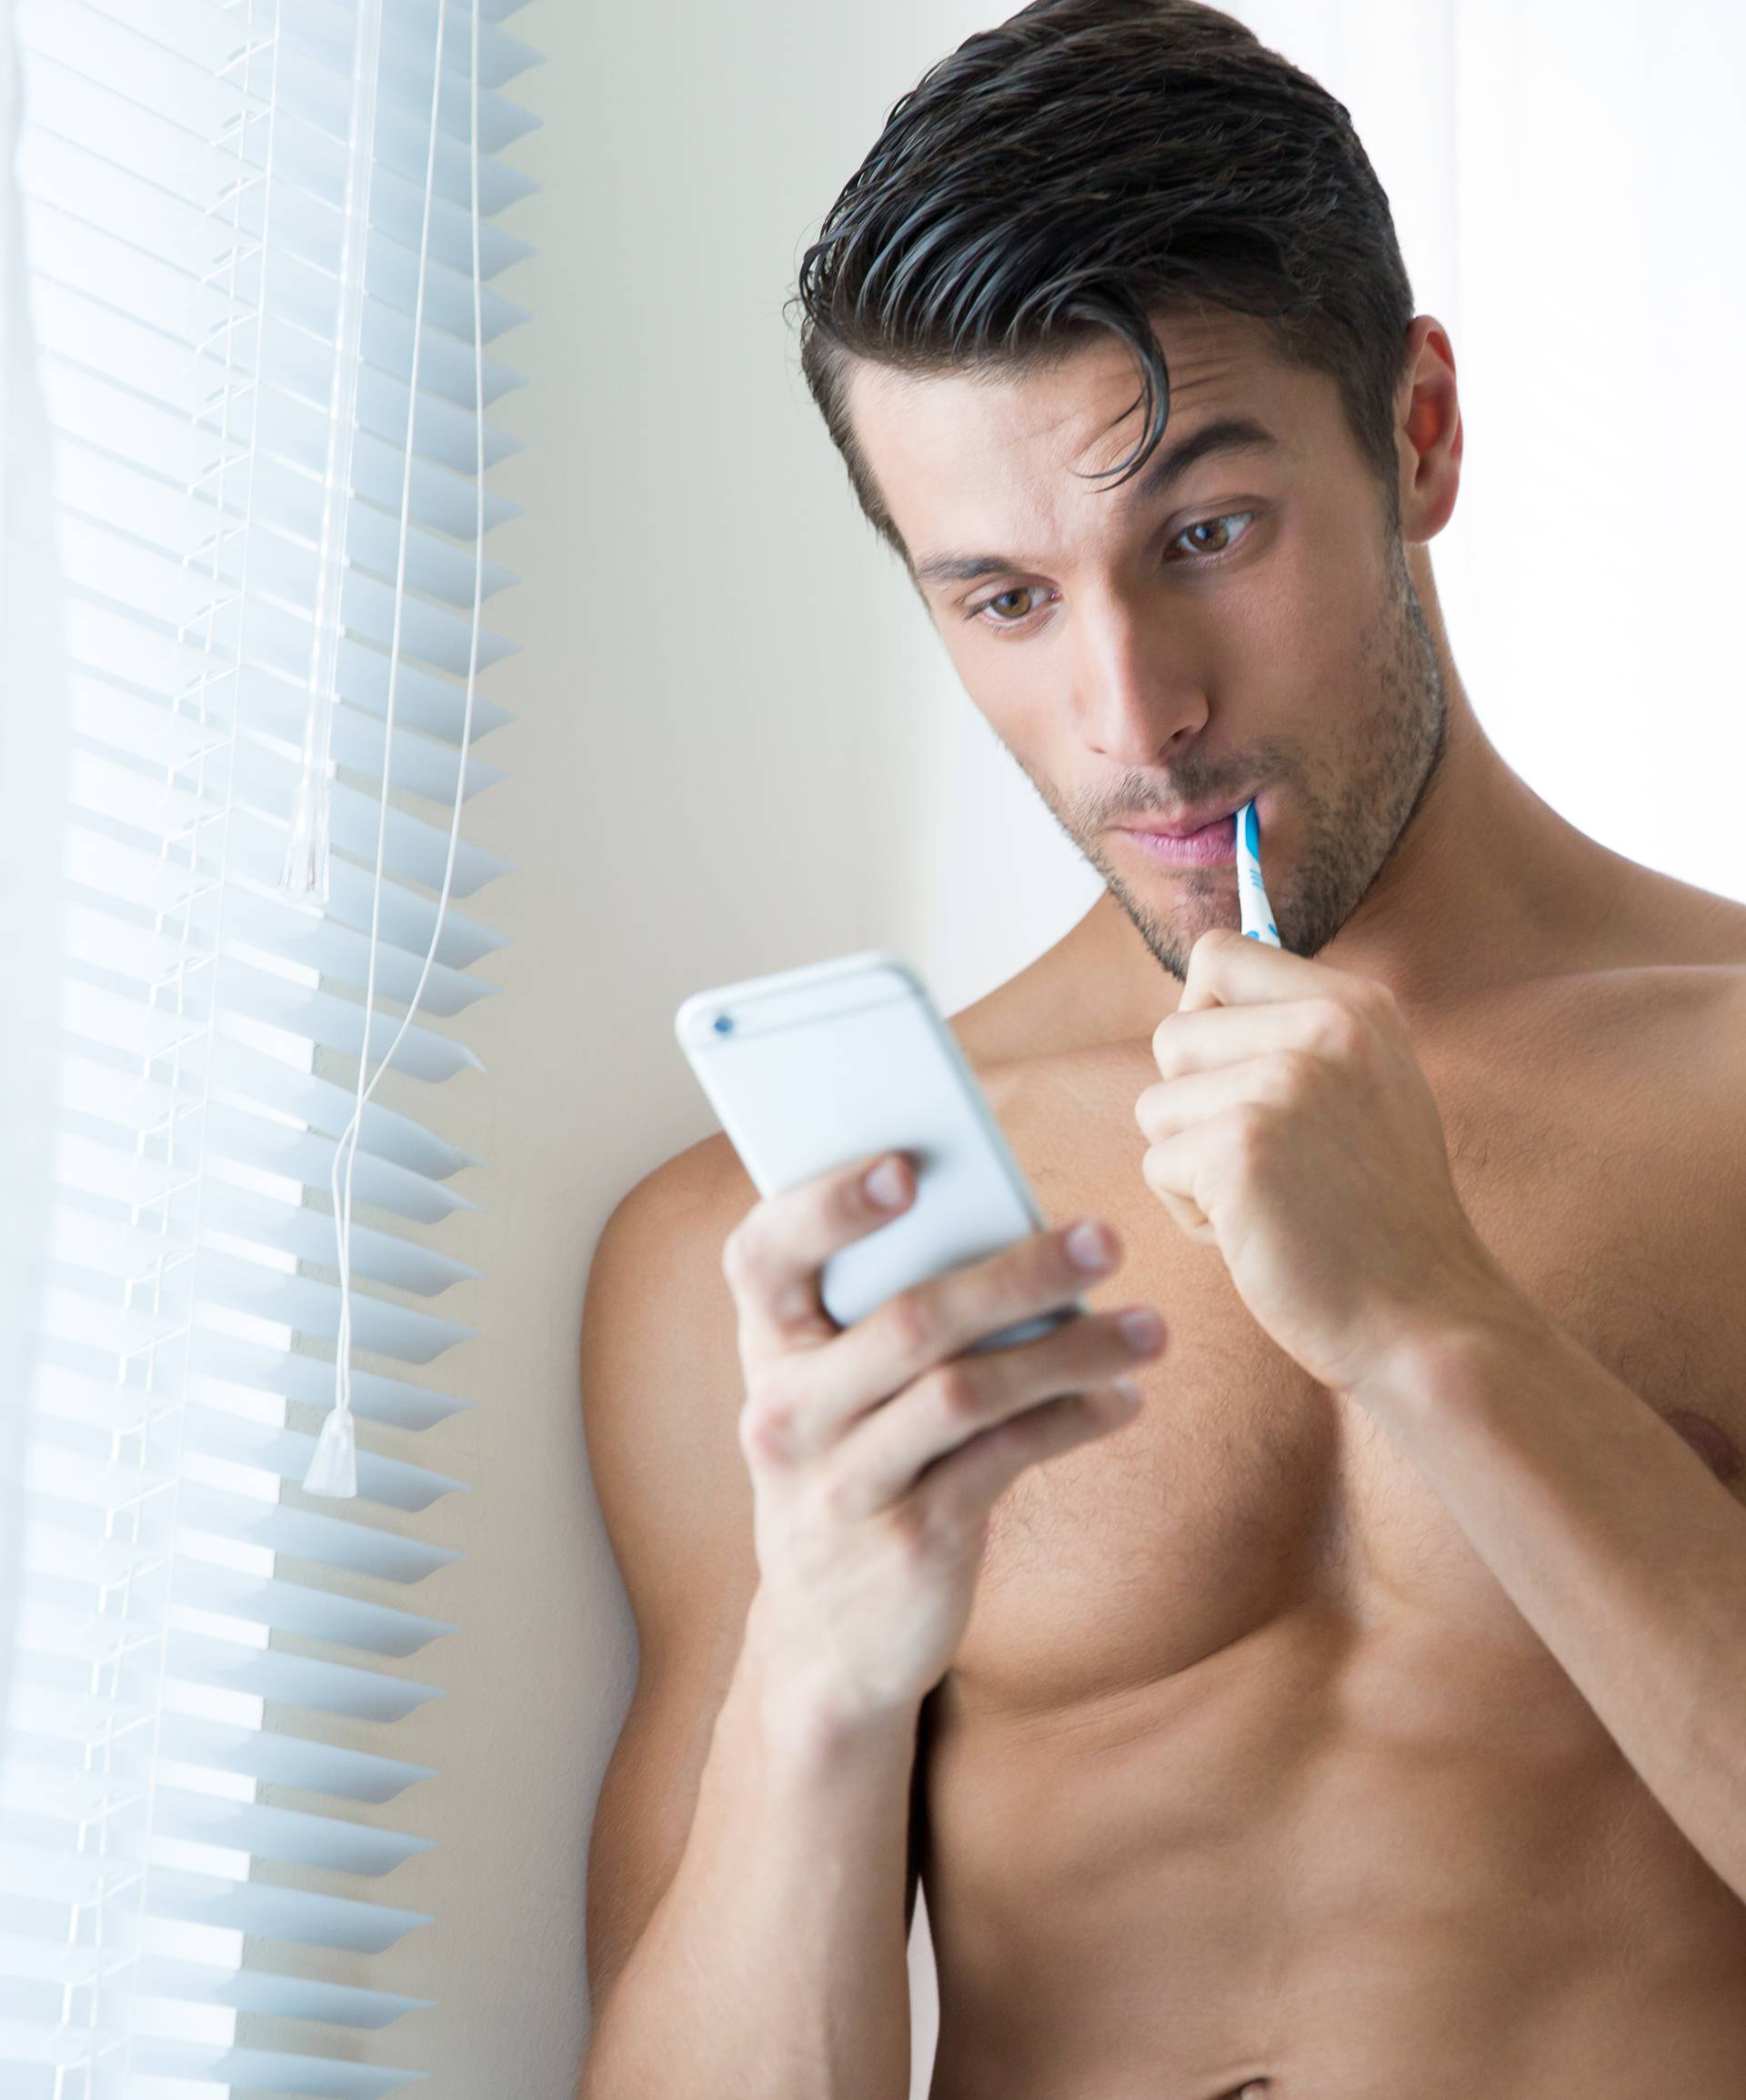 I oni vole dopisivanje: Muškarci 'padaju' na kratke SMS-ove...